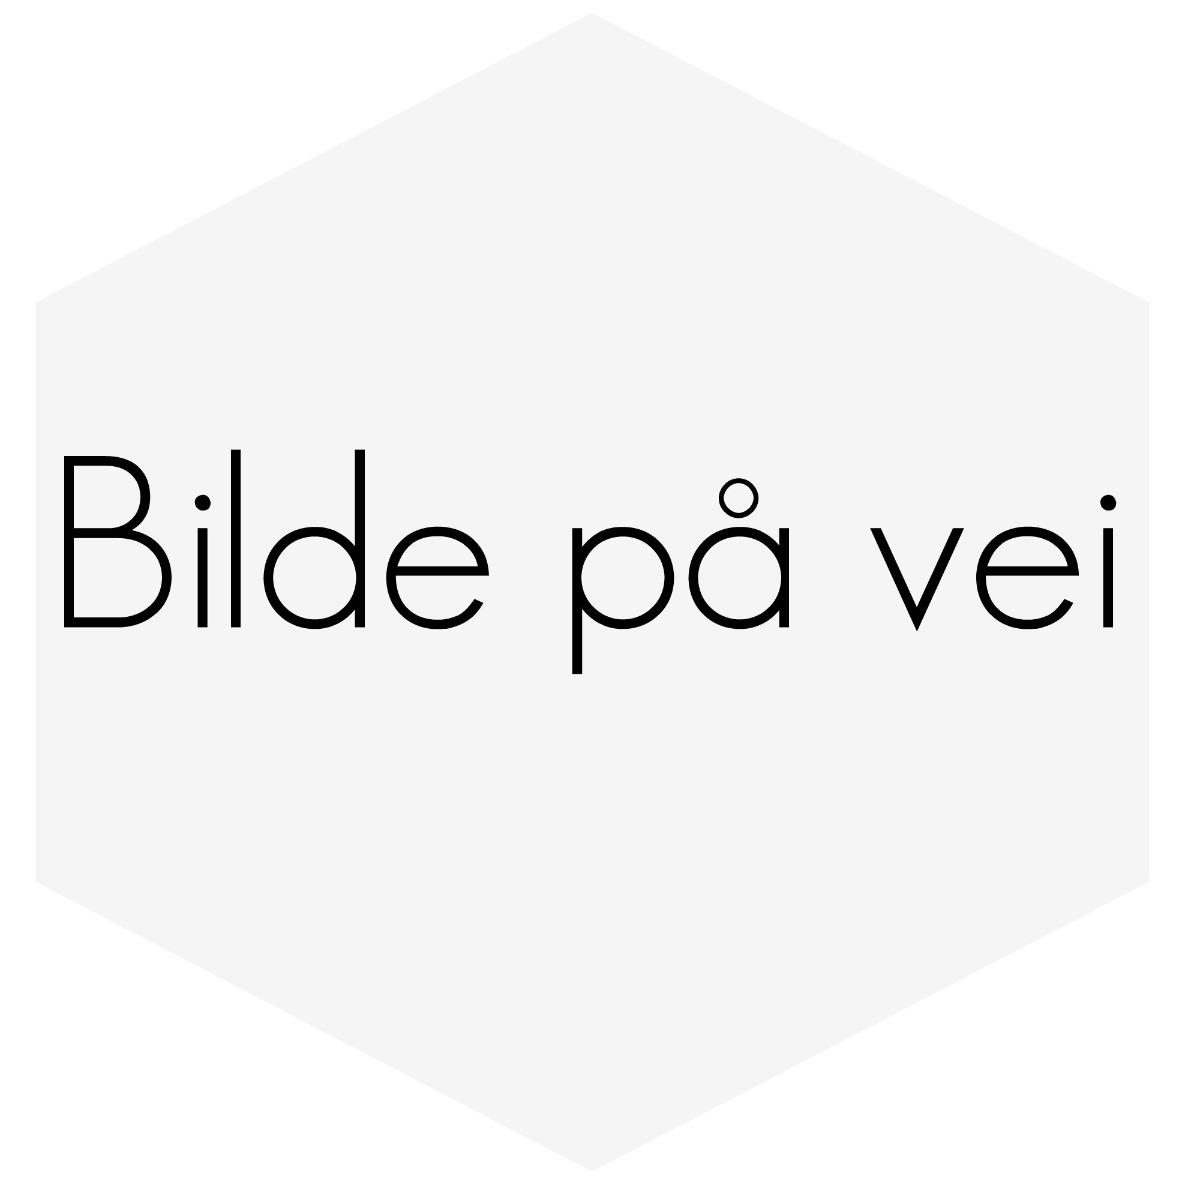 SIDEPLATE B.BAKHJUL 100>73 HØYRE